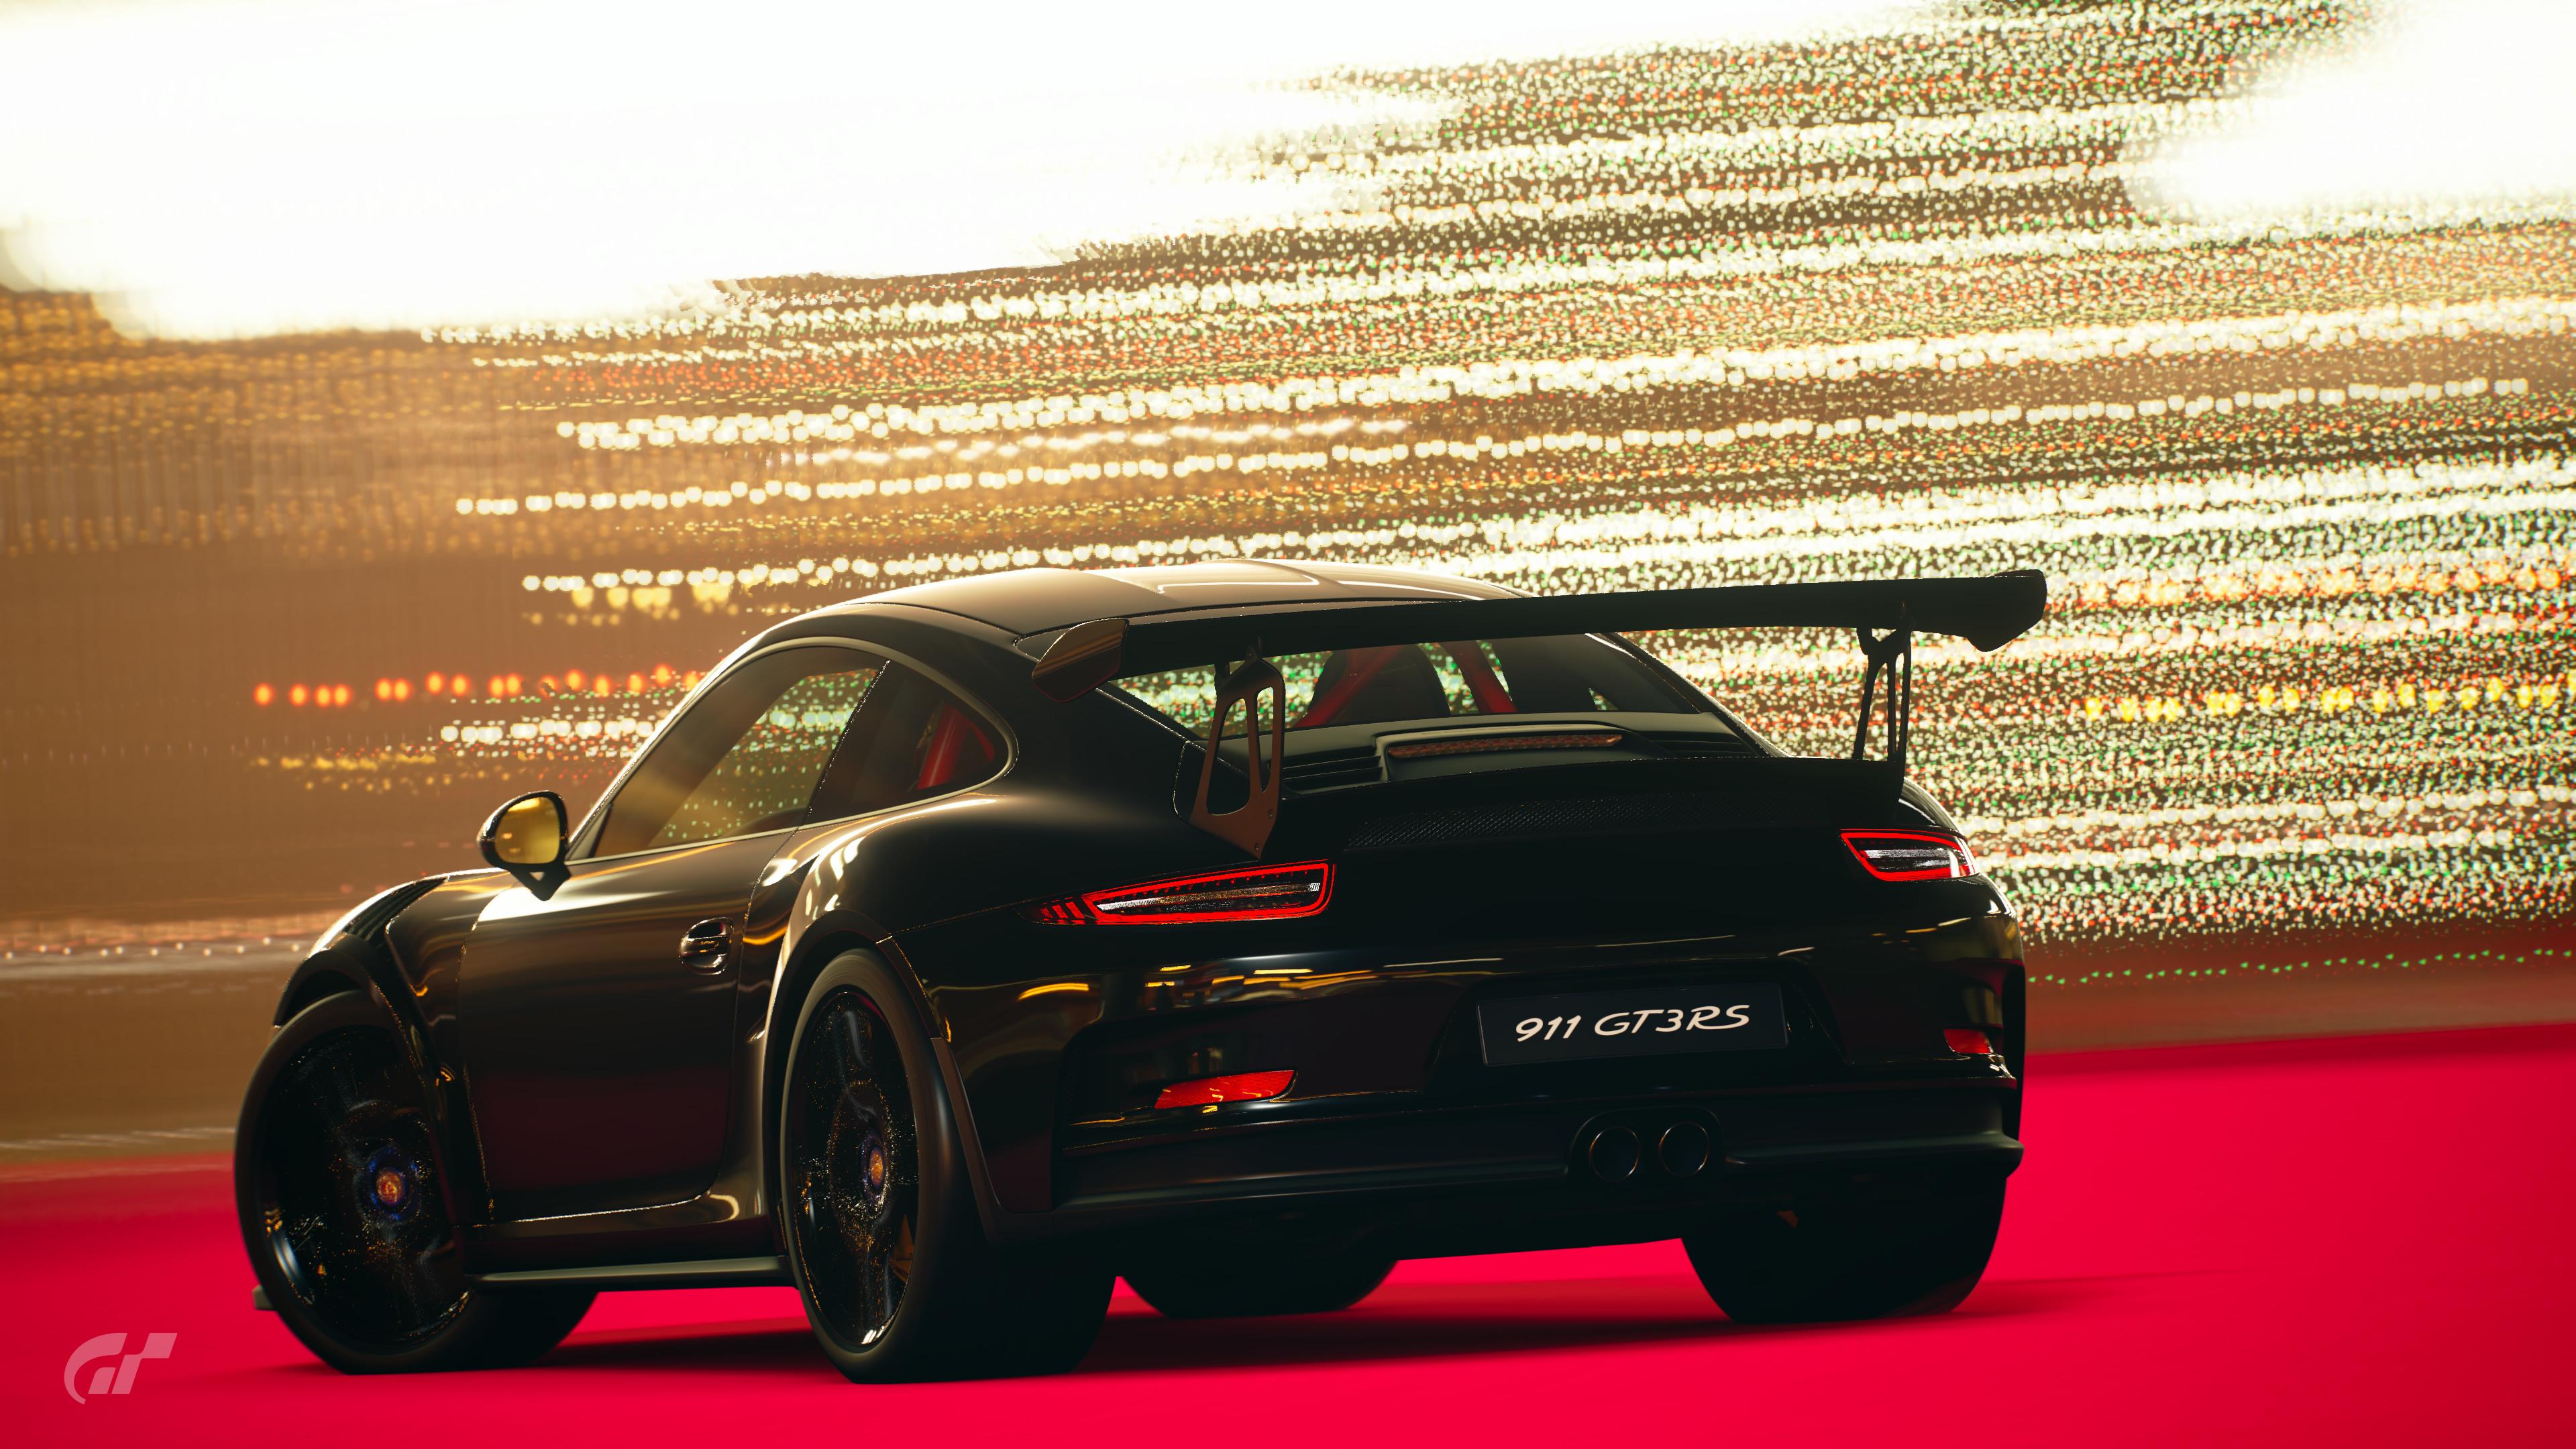 Porsche 911 GT3 RS 4k 2019 porsche 911 wallpapers, hd ...